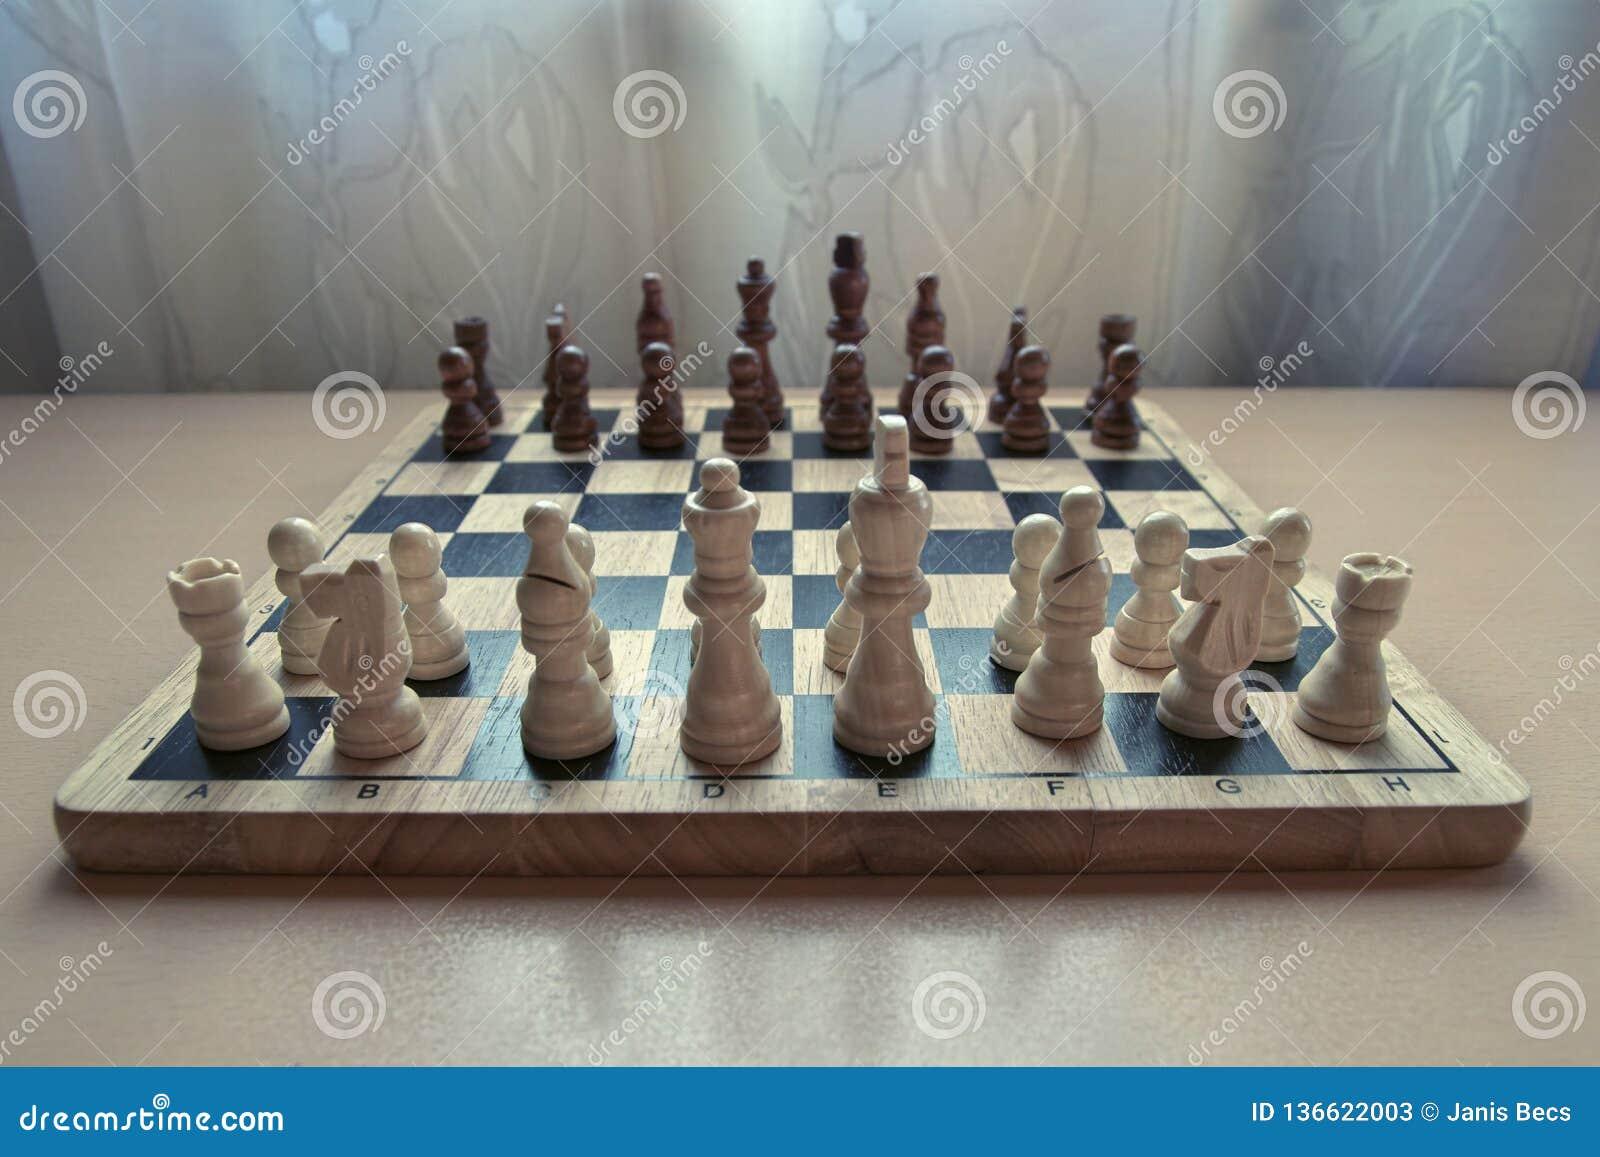 L échiquier matériel en bois de rétro style avec des pièces d échecs a placé prêt pour le jeu d esprit stratégique